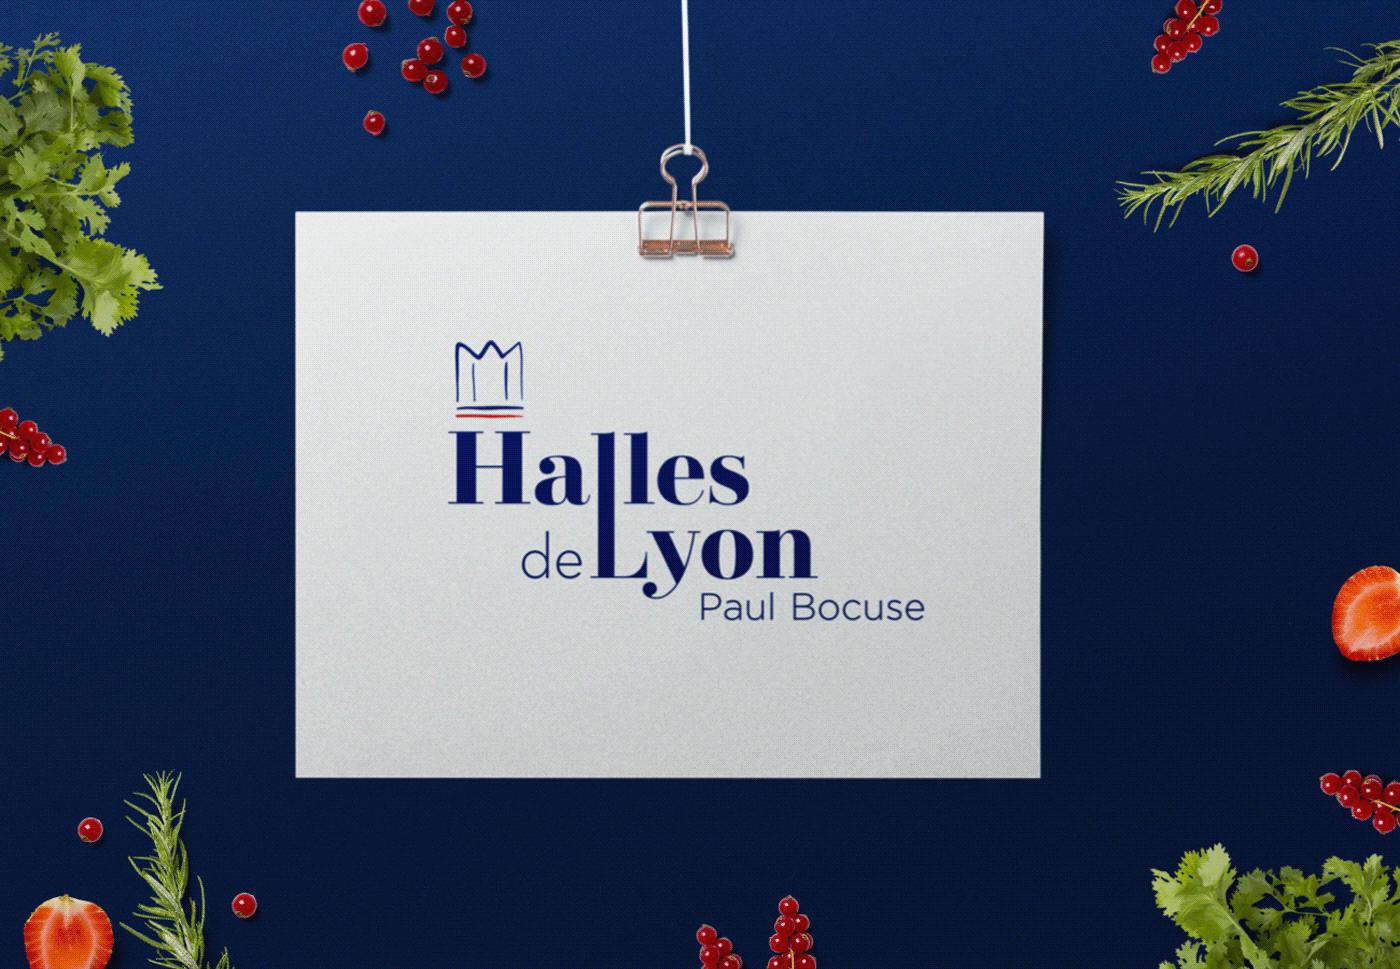 branding  design culinaire design graphique food design halles halles de lyon identité visuelle logo Logotype